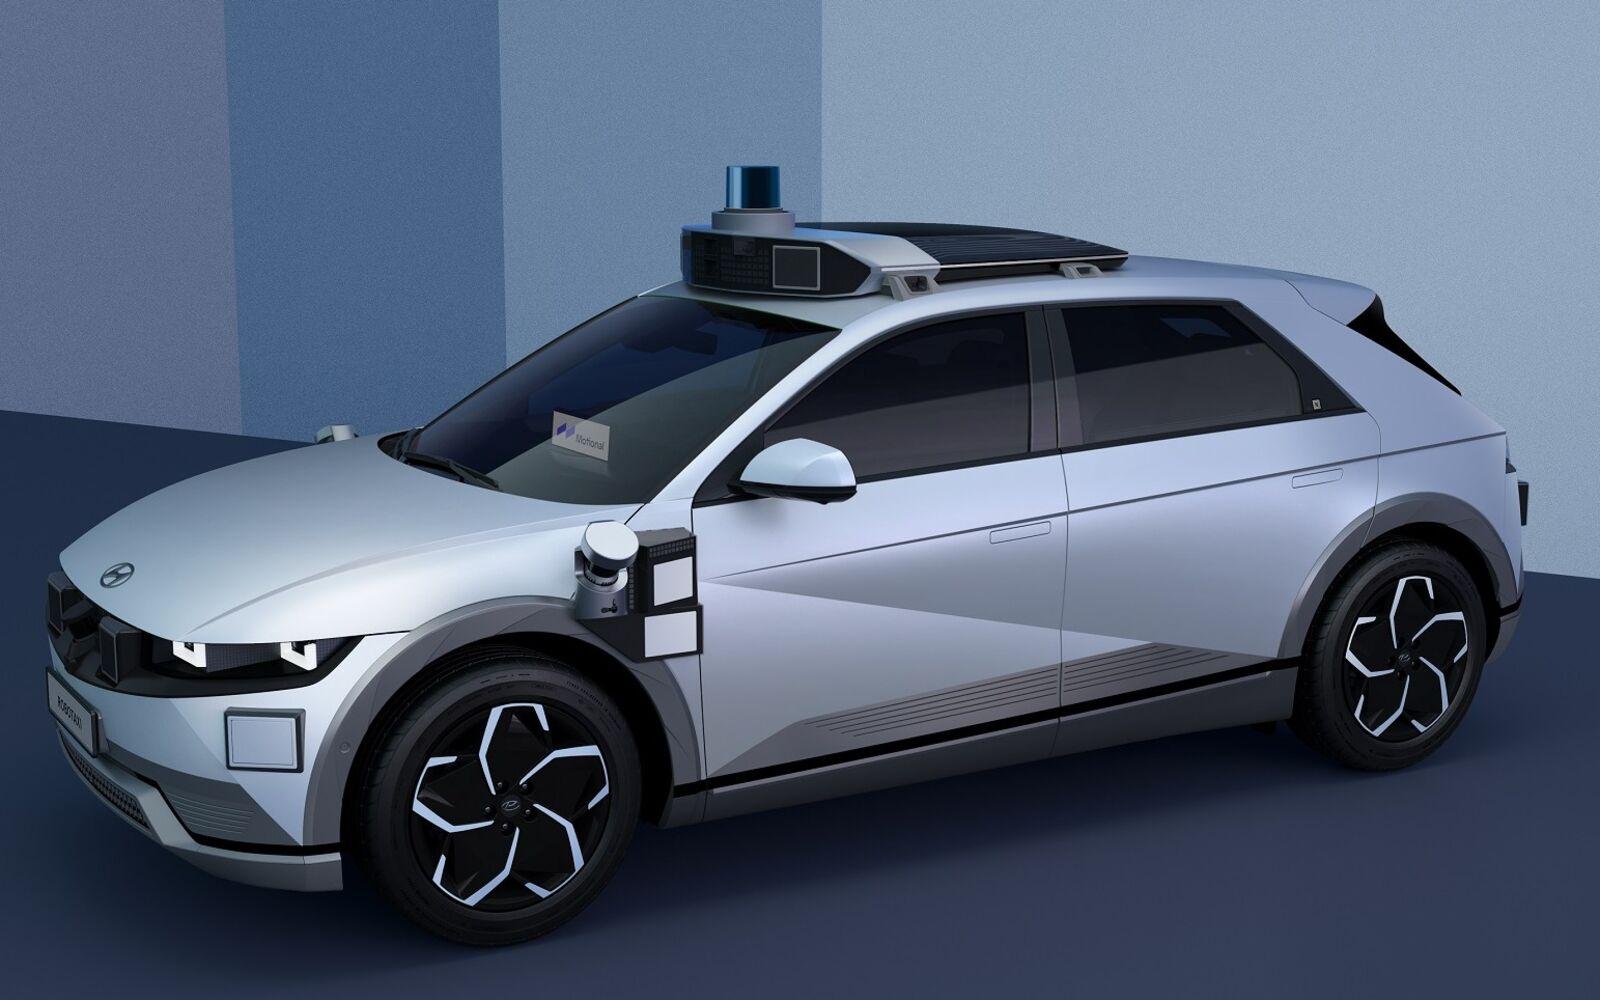 Motional e Hyundai presentano il Robotaxi IONIQ 5.